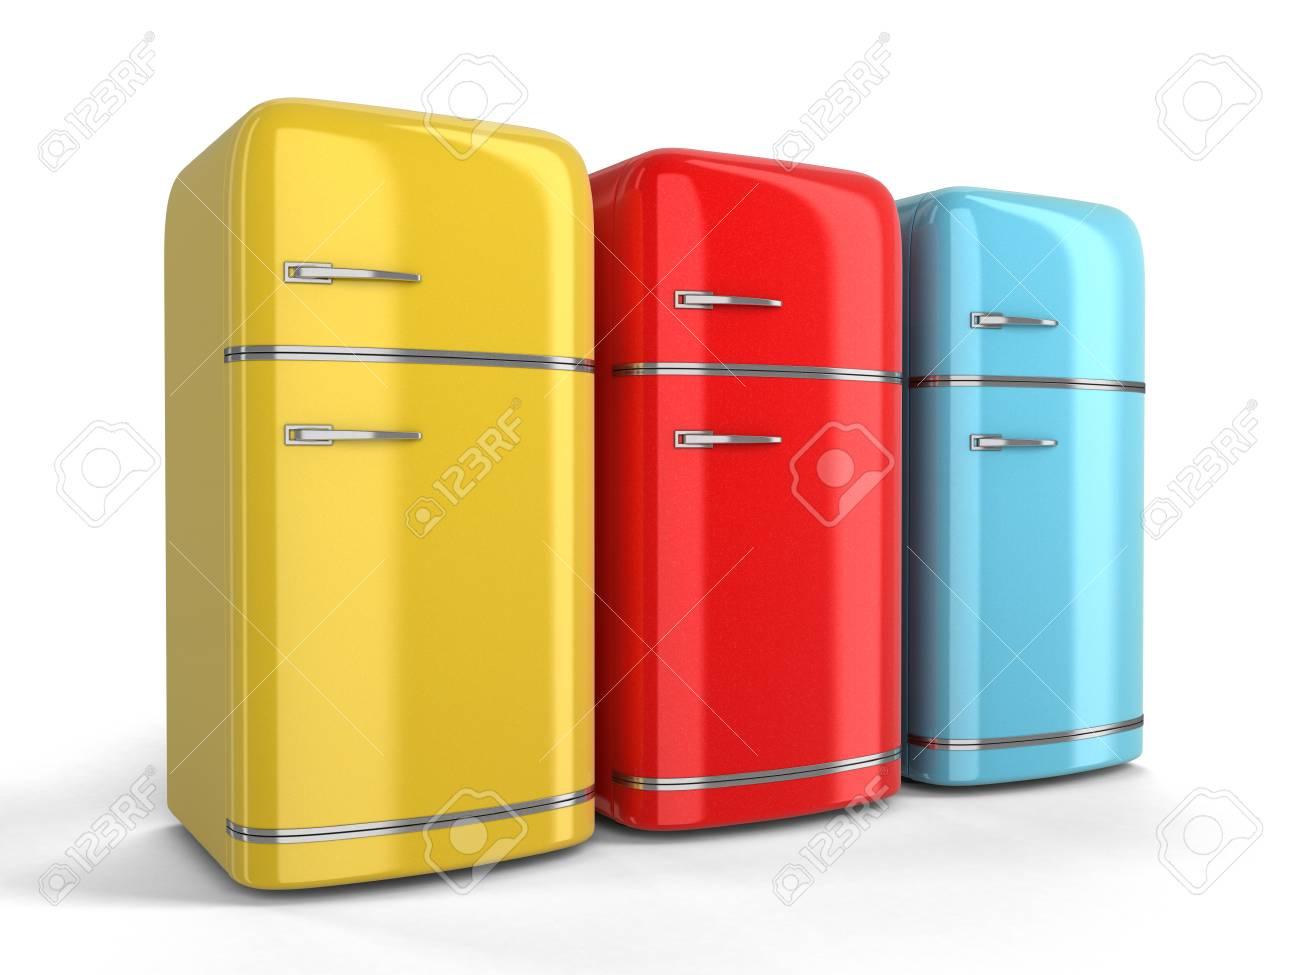 Retro Kühlschrank Dunkelrot : Gefrierschrank retro gebraucht orig siematic küche von